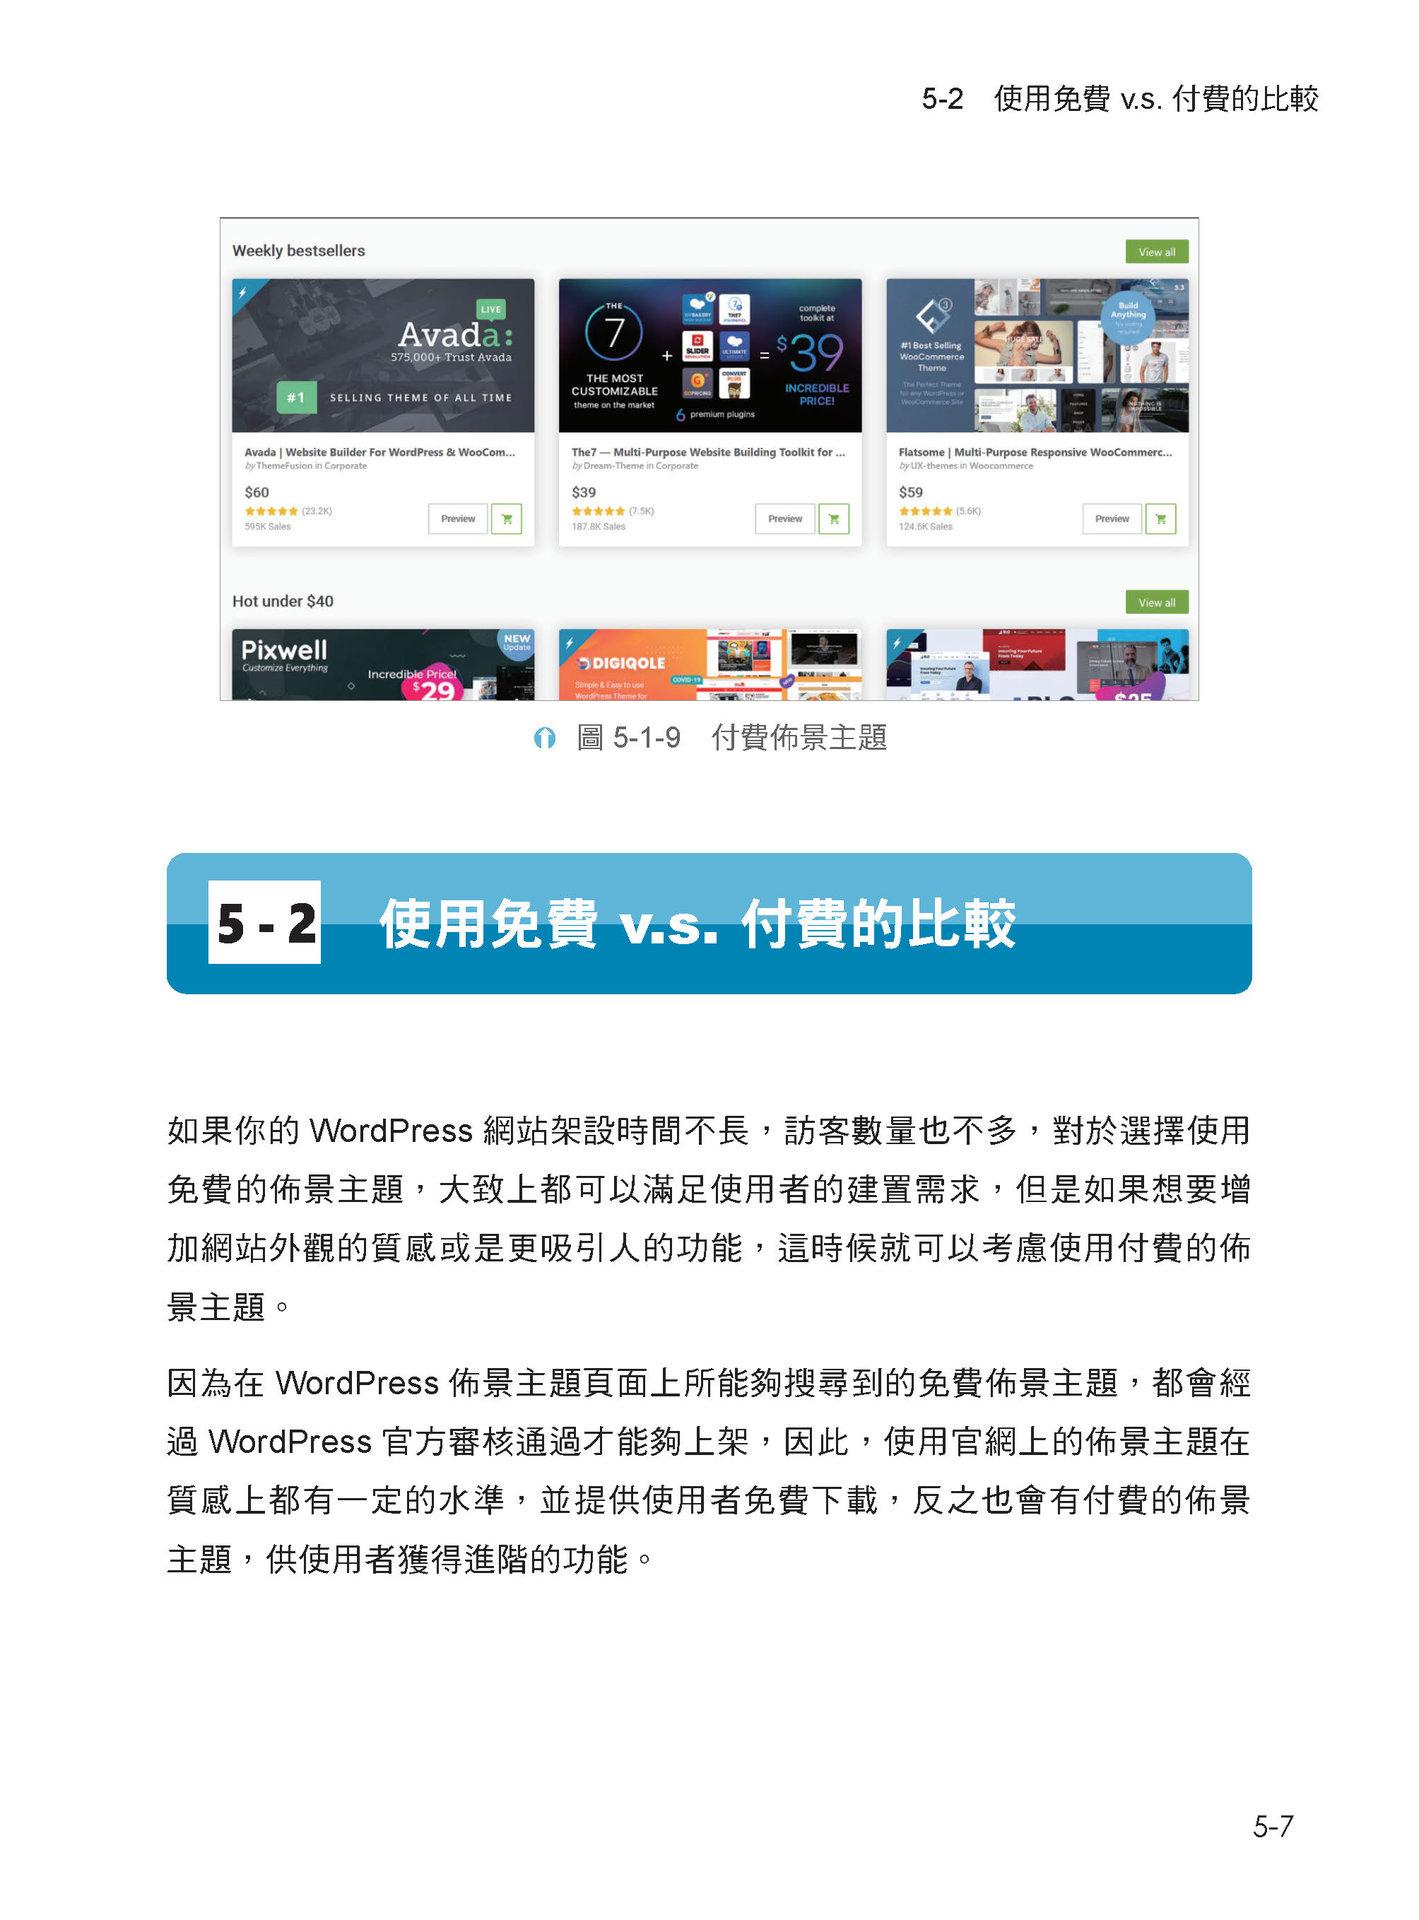 WordPress + Azure 輕鬆架站:入門範例解說與實用外掛精選-preview-3